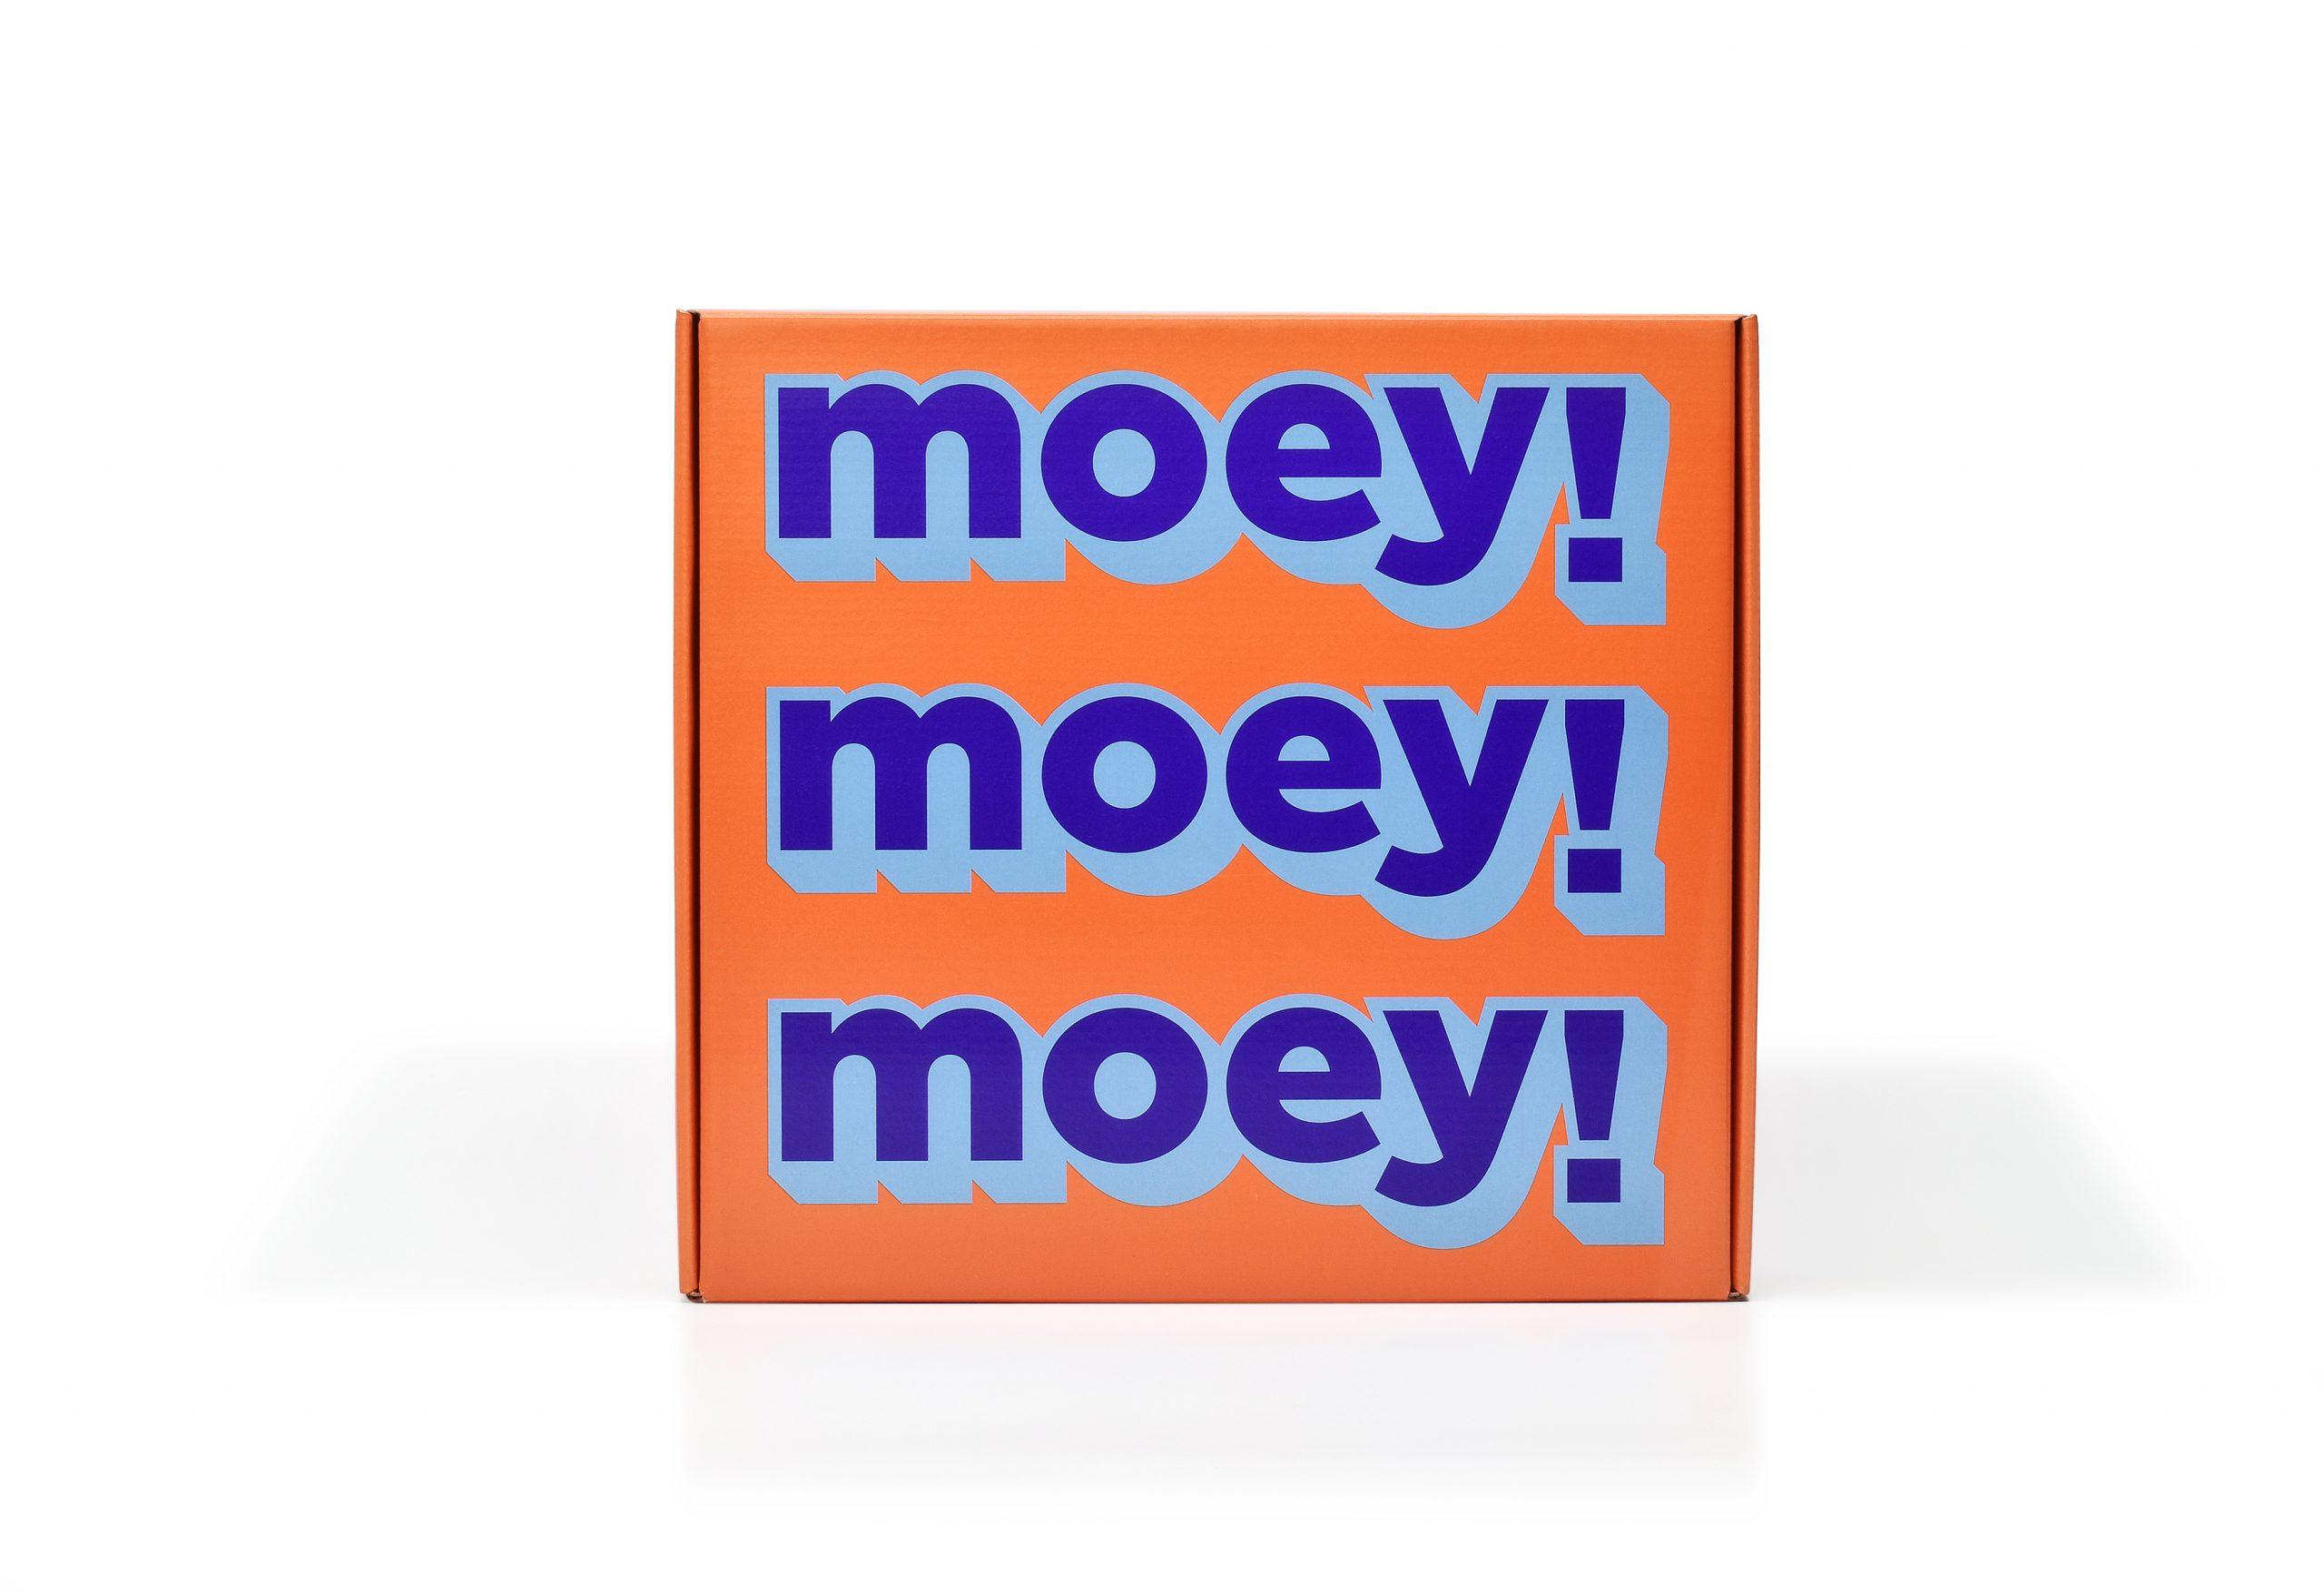 Moey!_embalagem